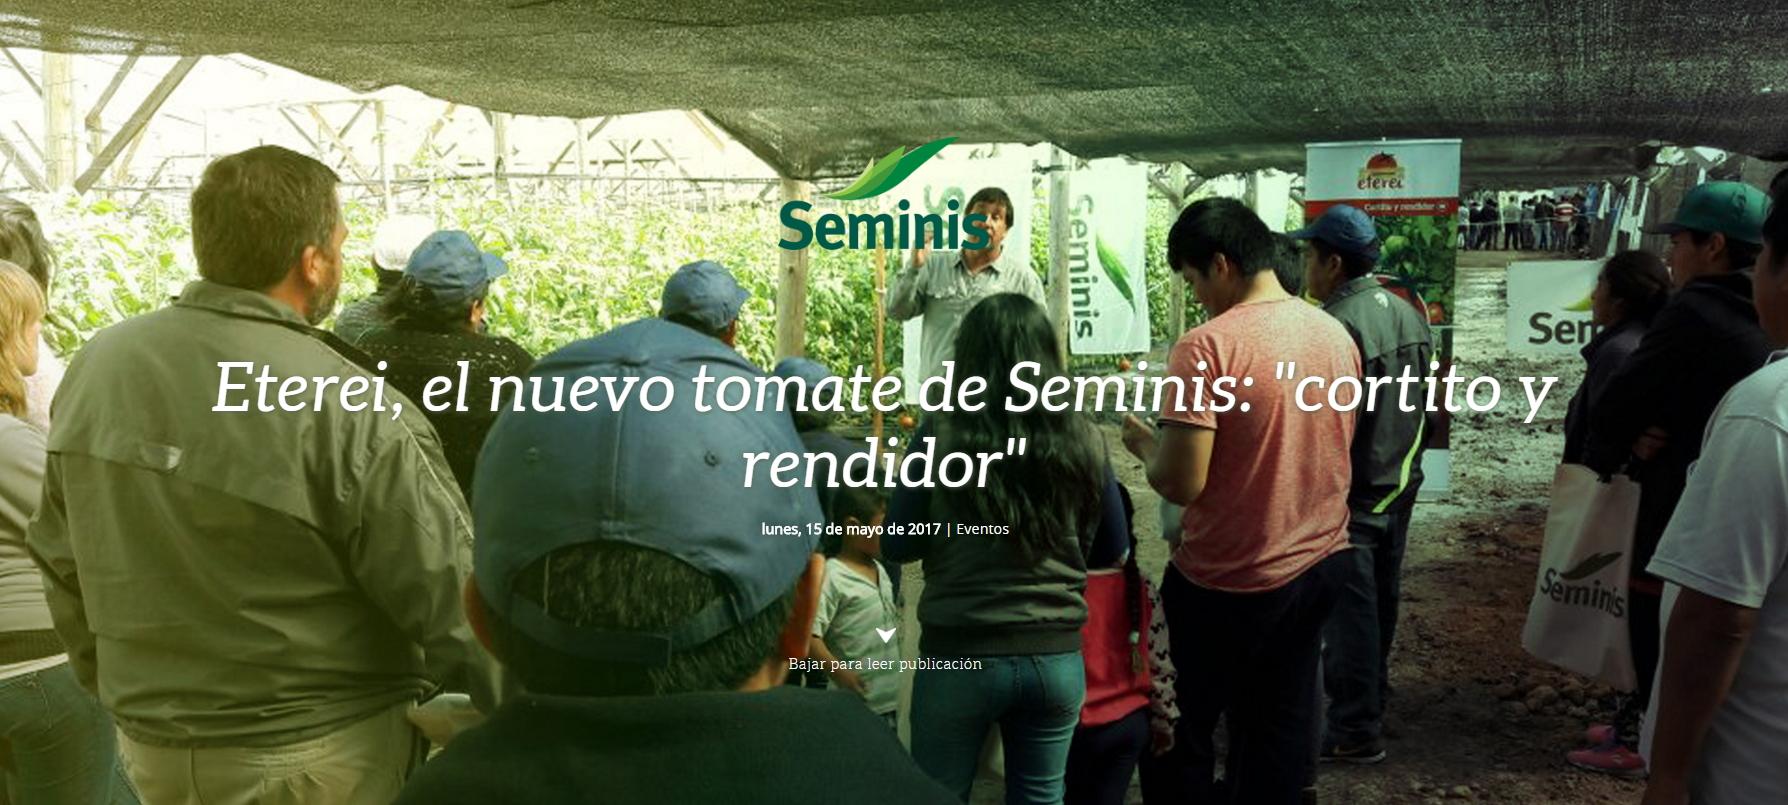 dia de campo eterei, el nuevo tomate de seminis: cortito y rendidor